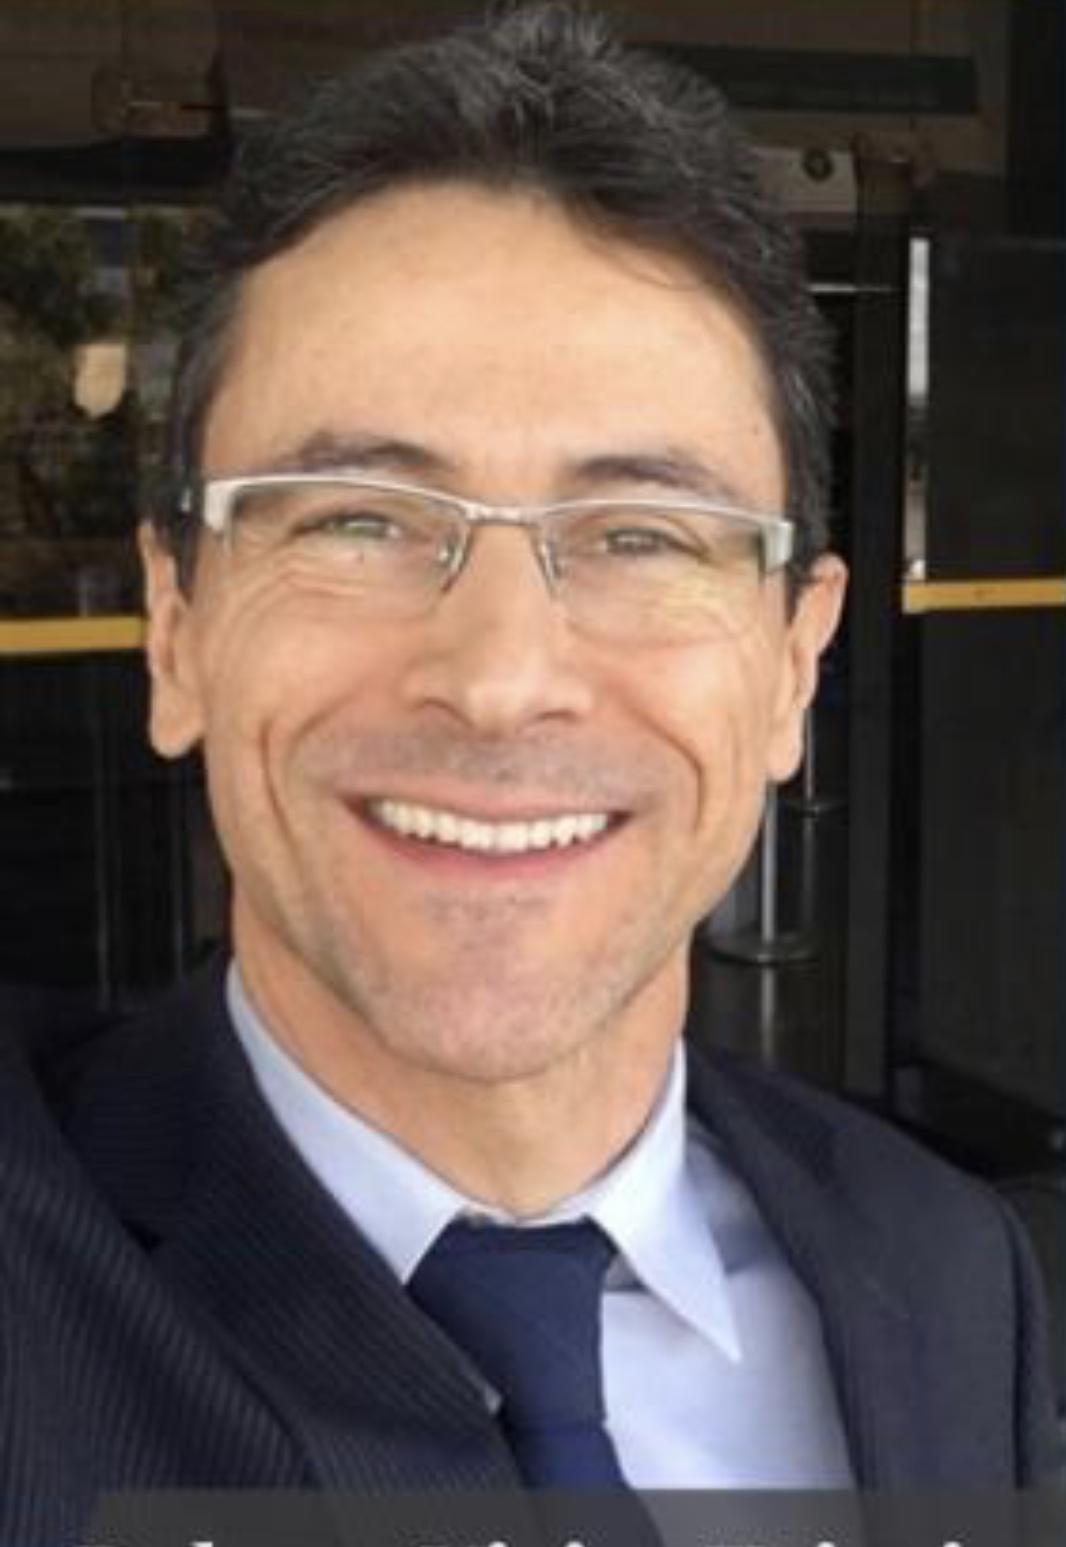 Procurador Robson Vieira Teixeira de Freitas